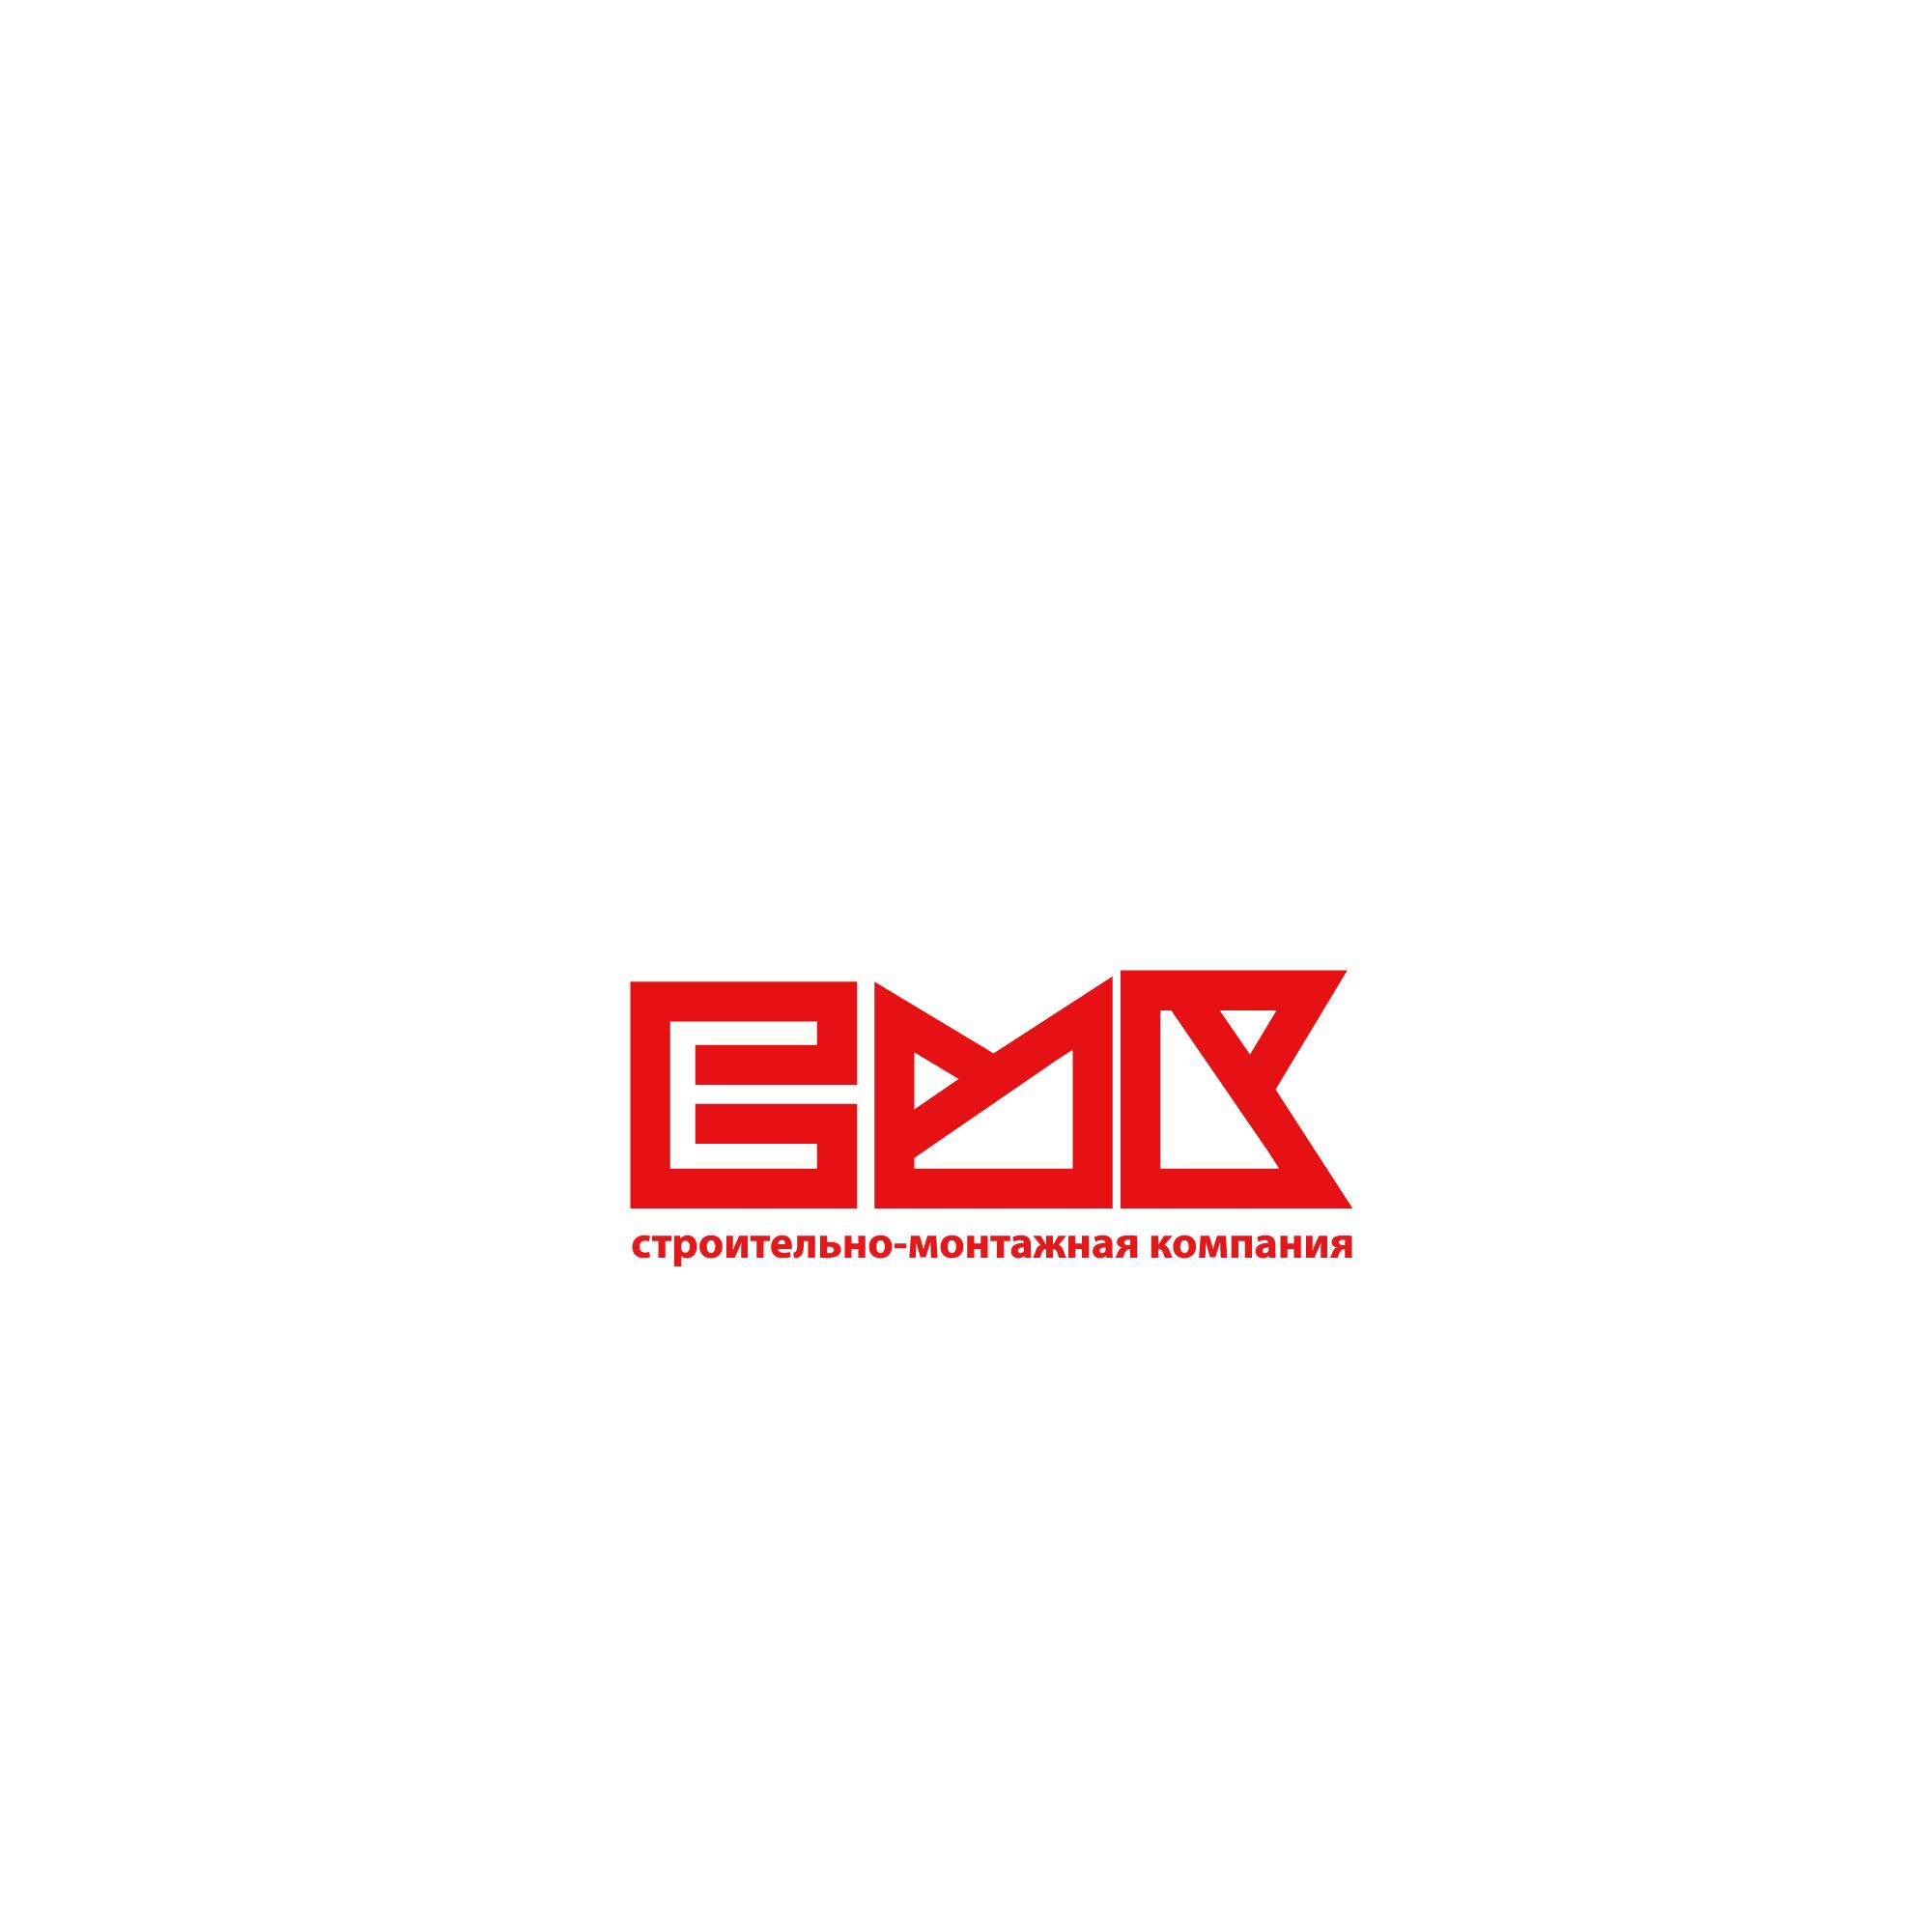 Разработка логотипа компании фото f_1855dd427968f0ce.jpg